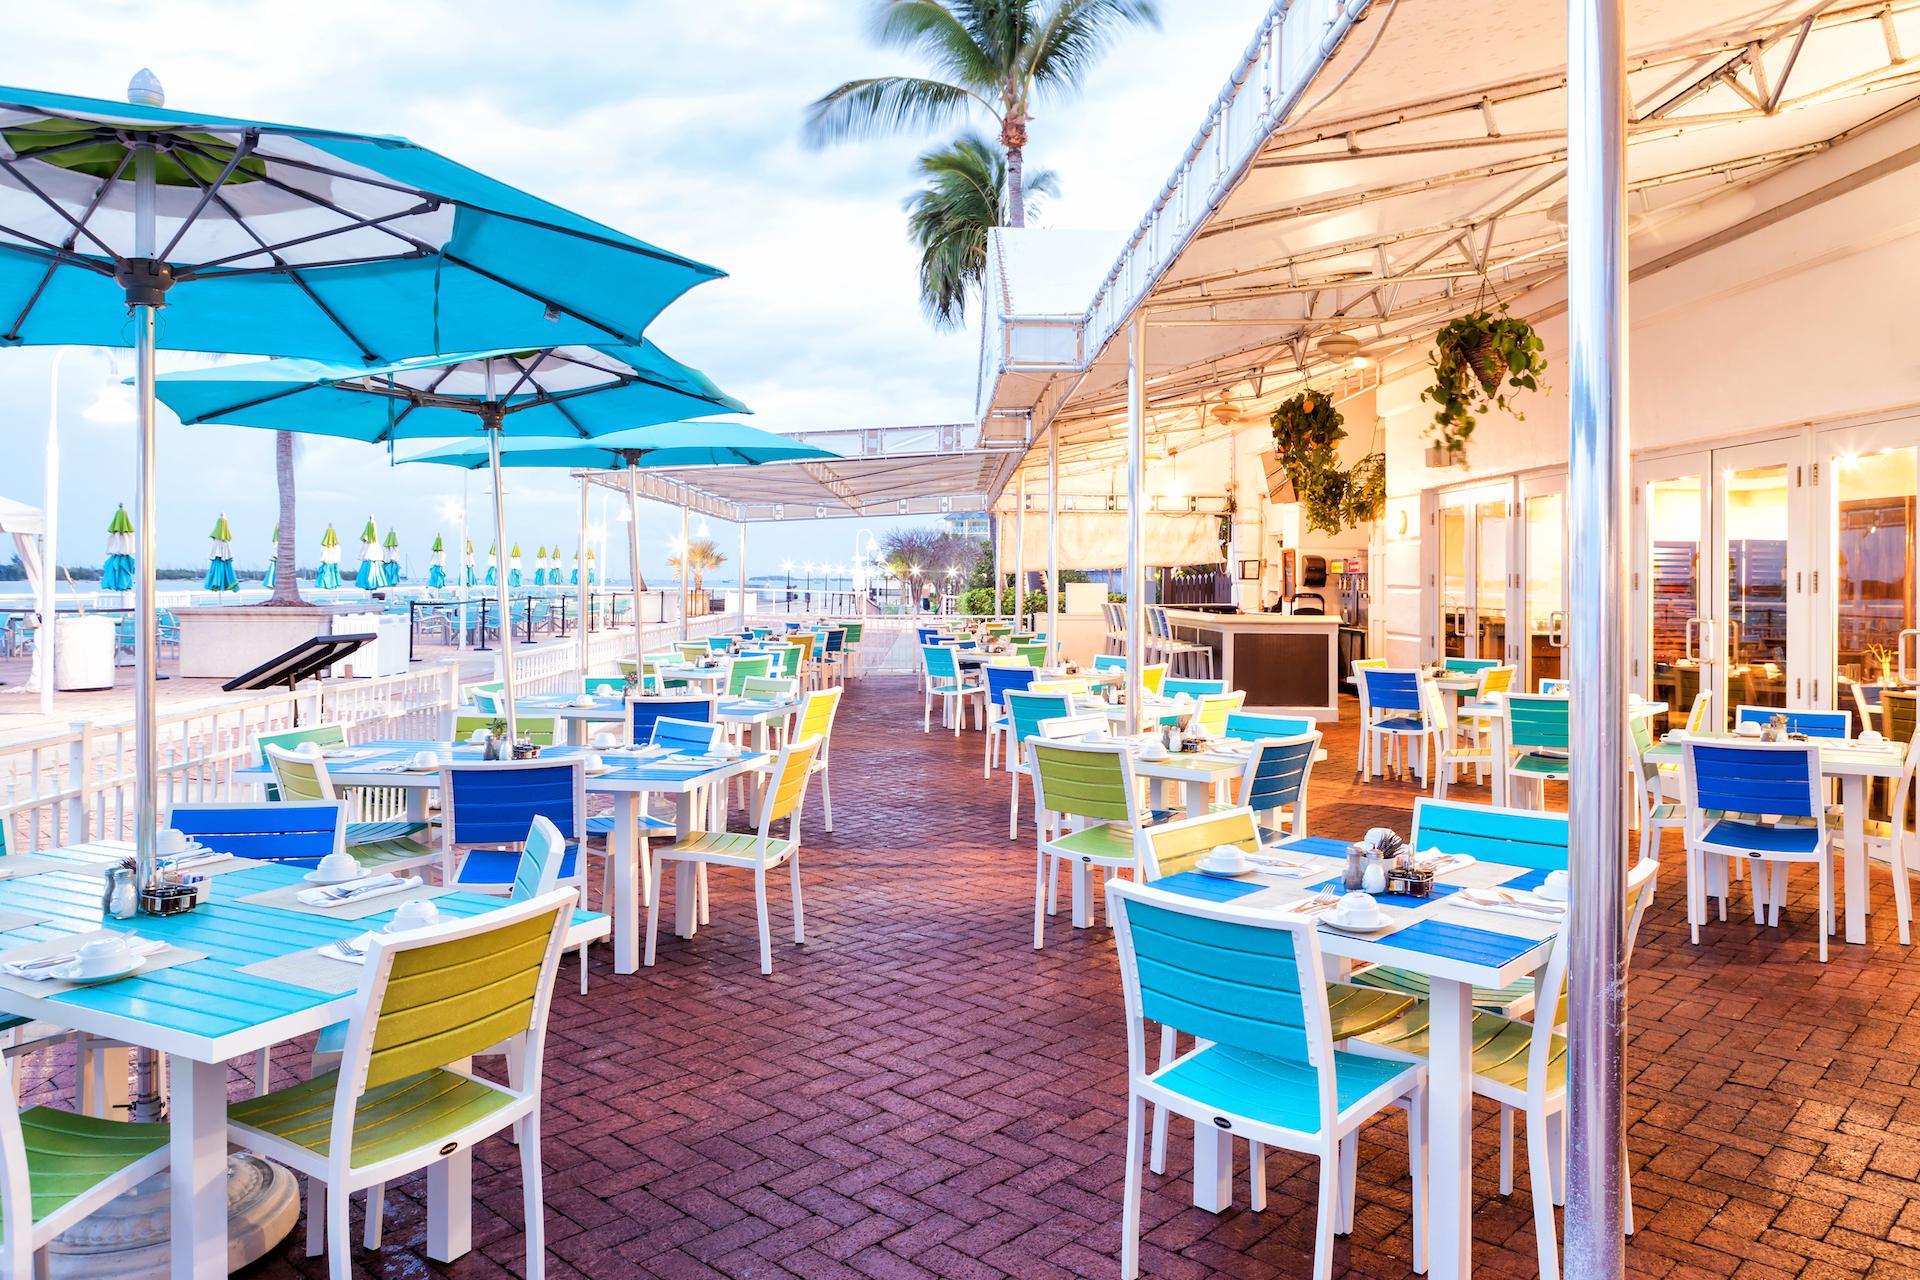 Bistro 245 Dining In Key West At Margaritaville Resort